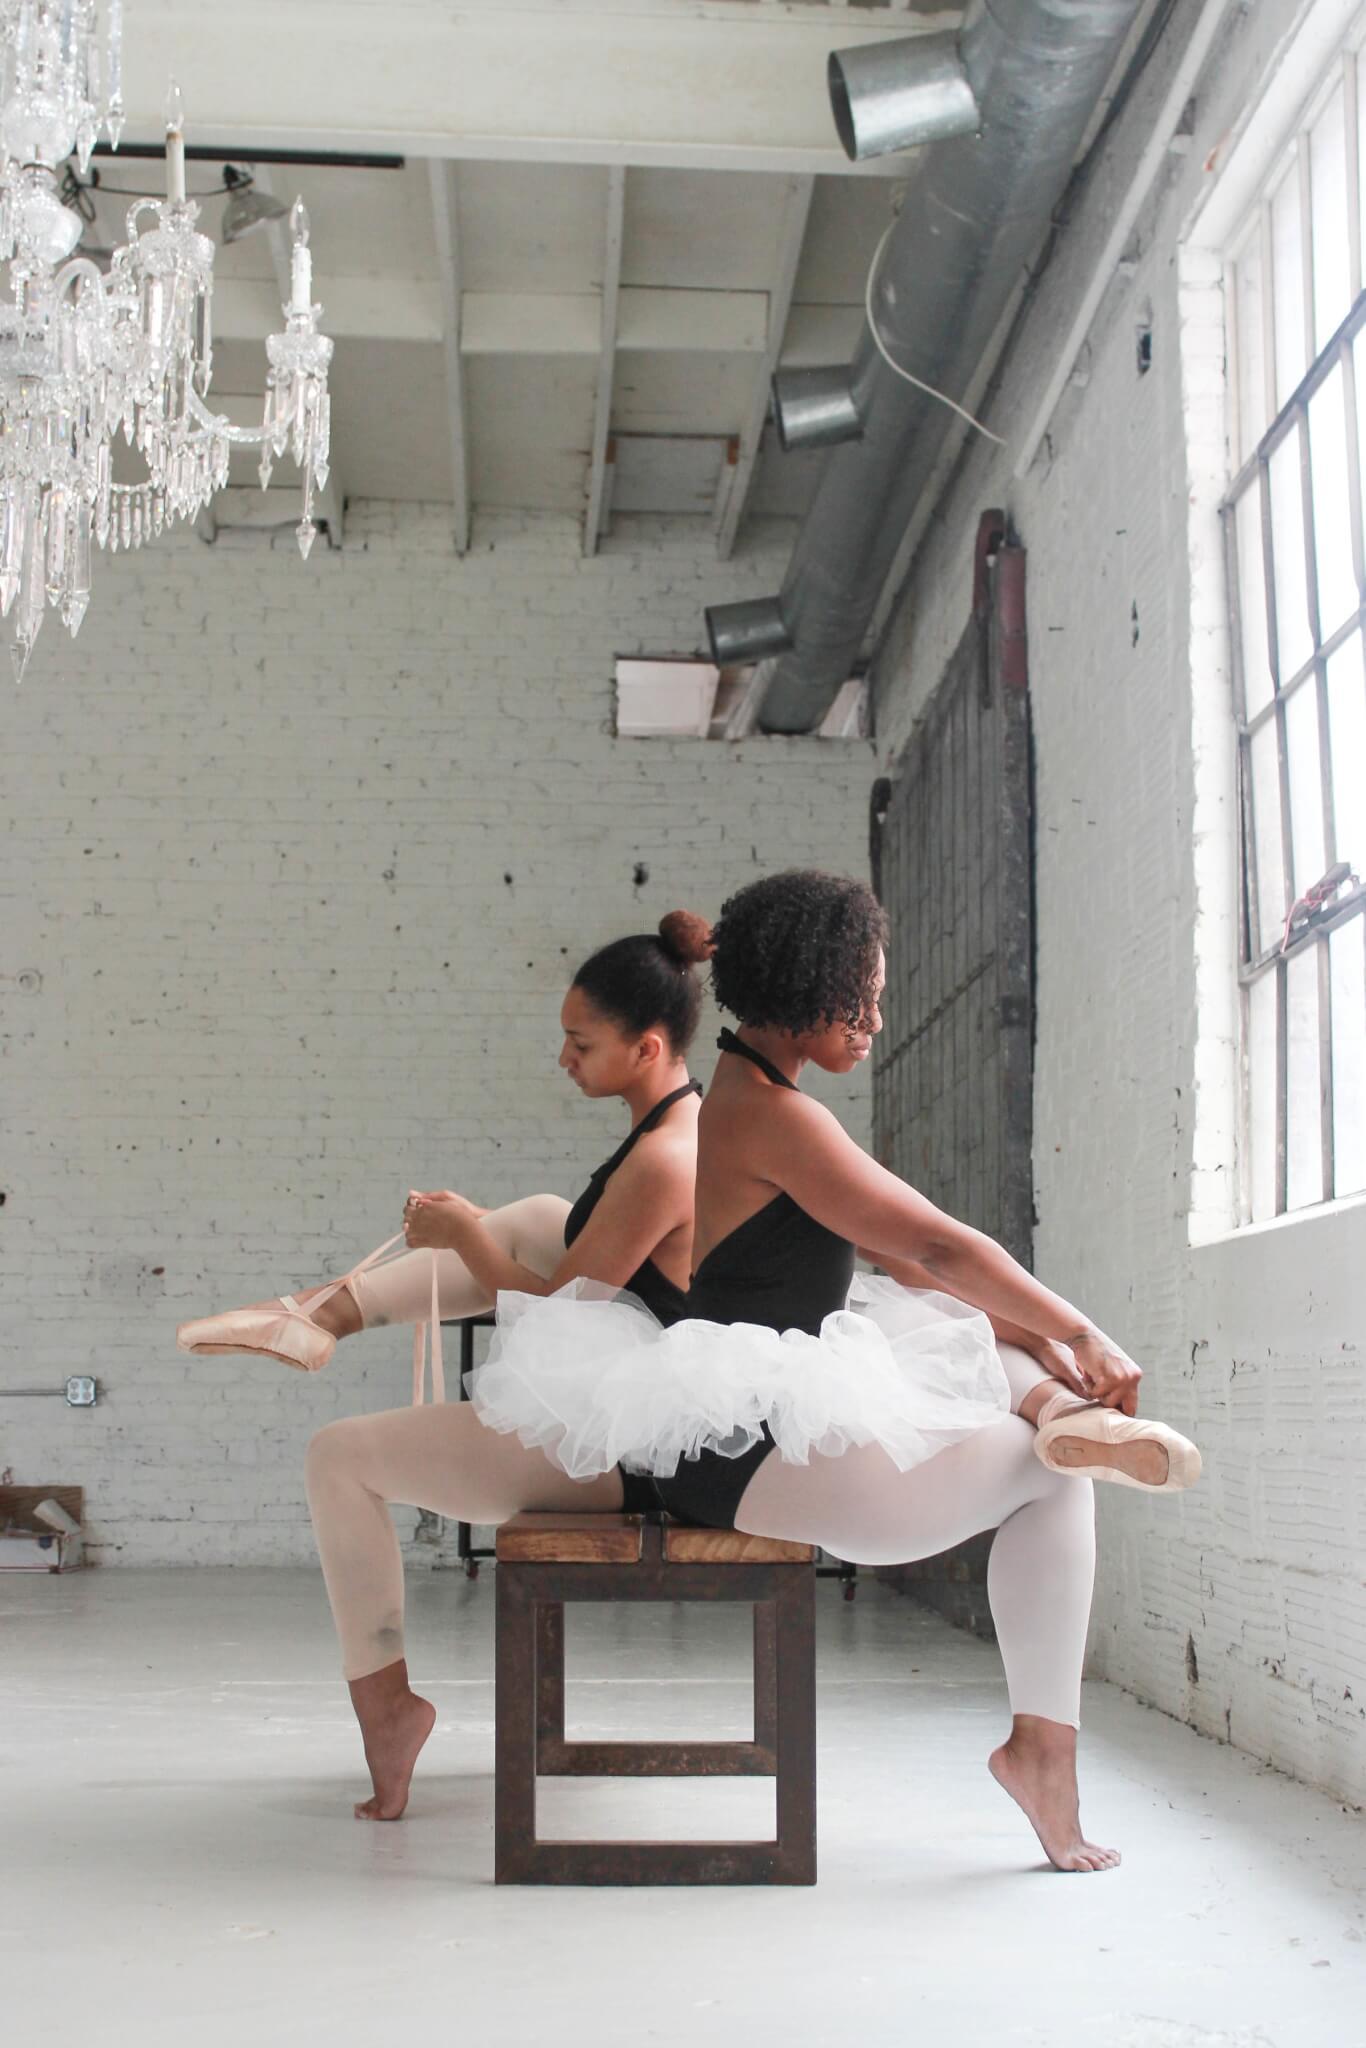 2 Ballet Dancers